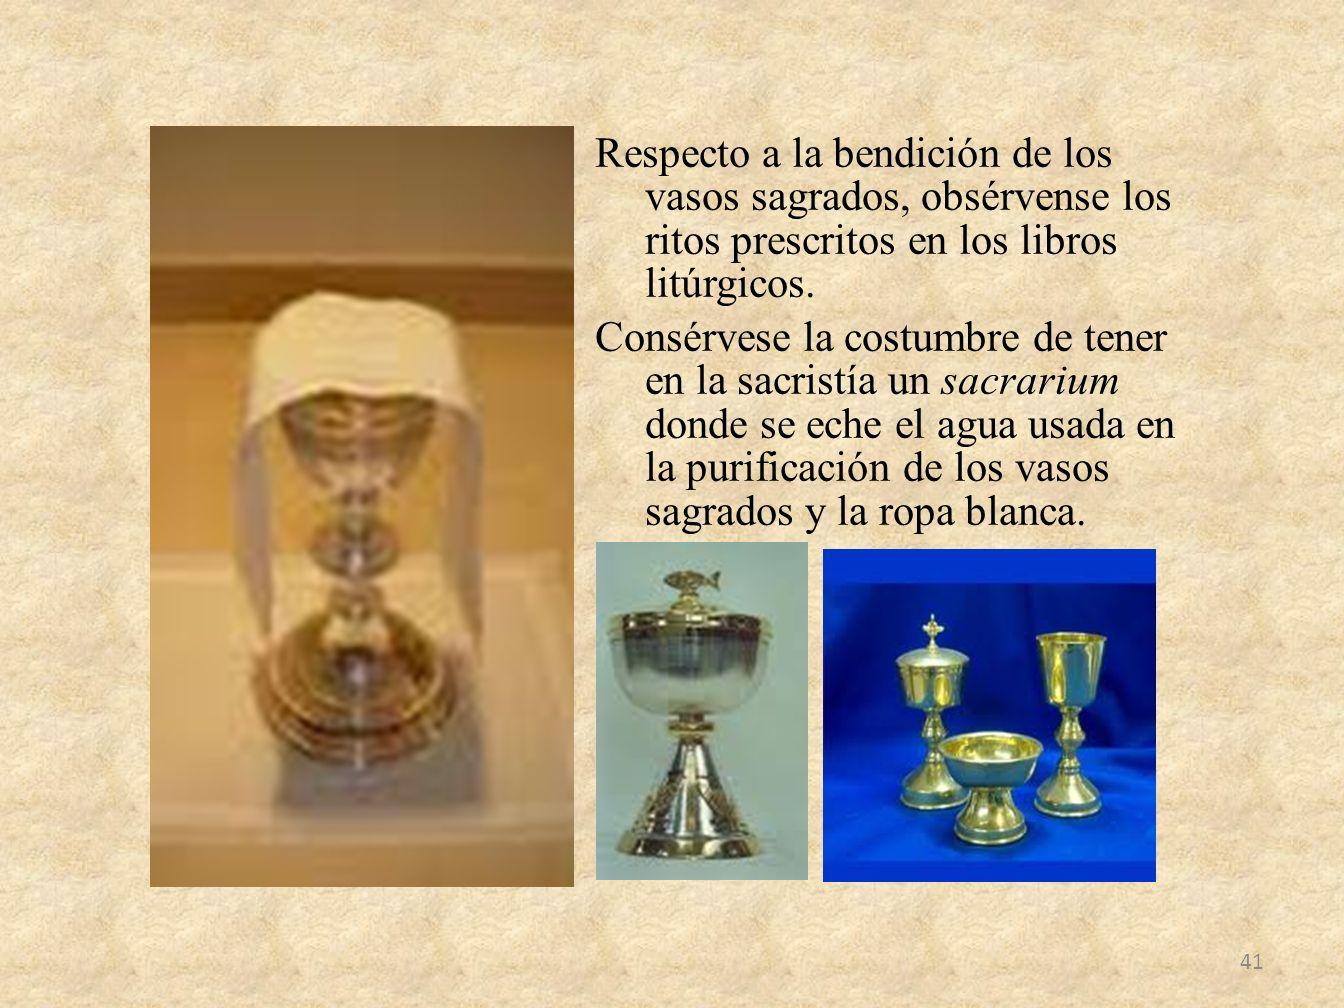 Respecto a la bendición de los vasos sagrados, obsérvense los ritos prescritos en los libros litúrgicos.